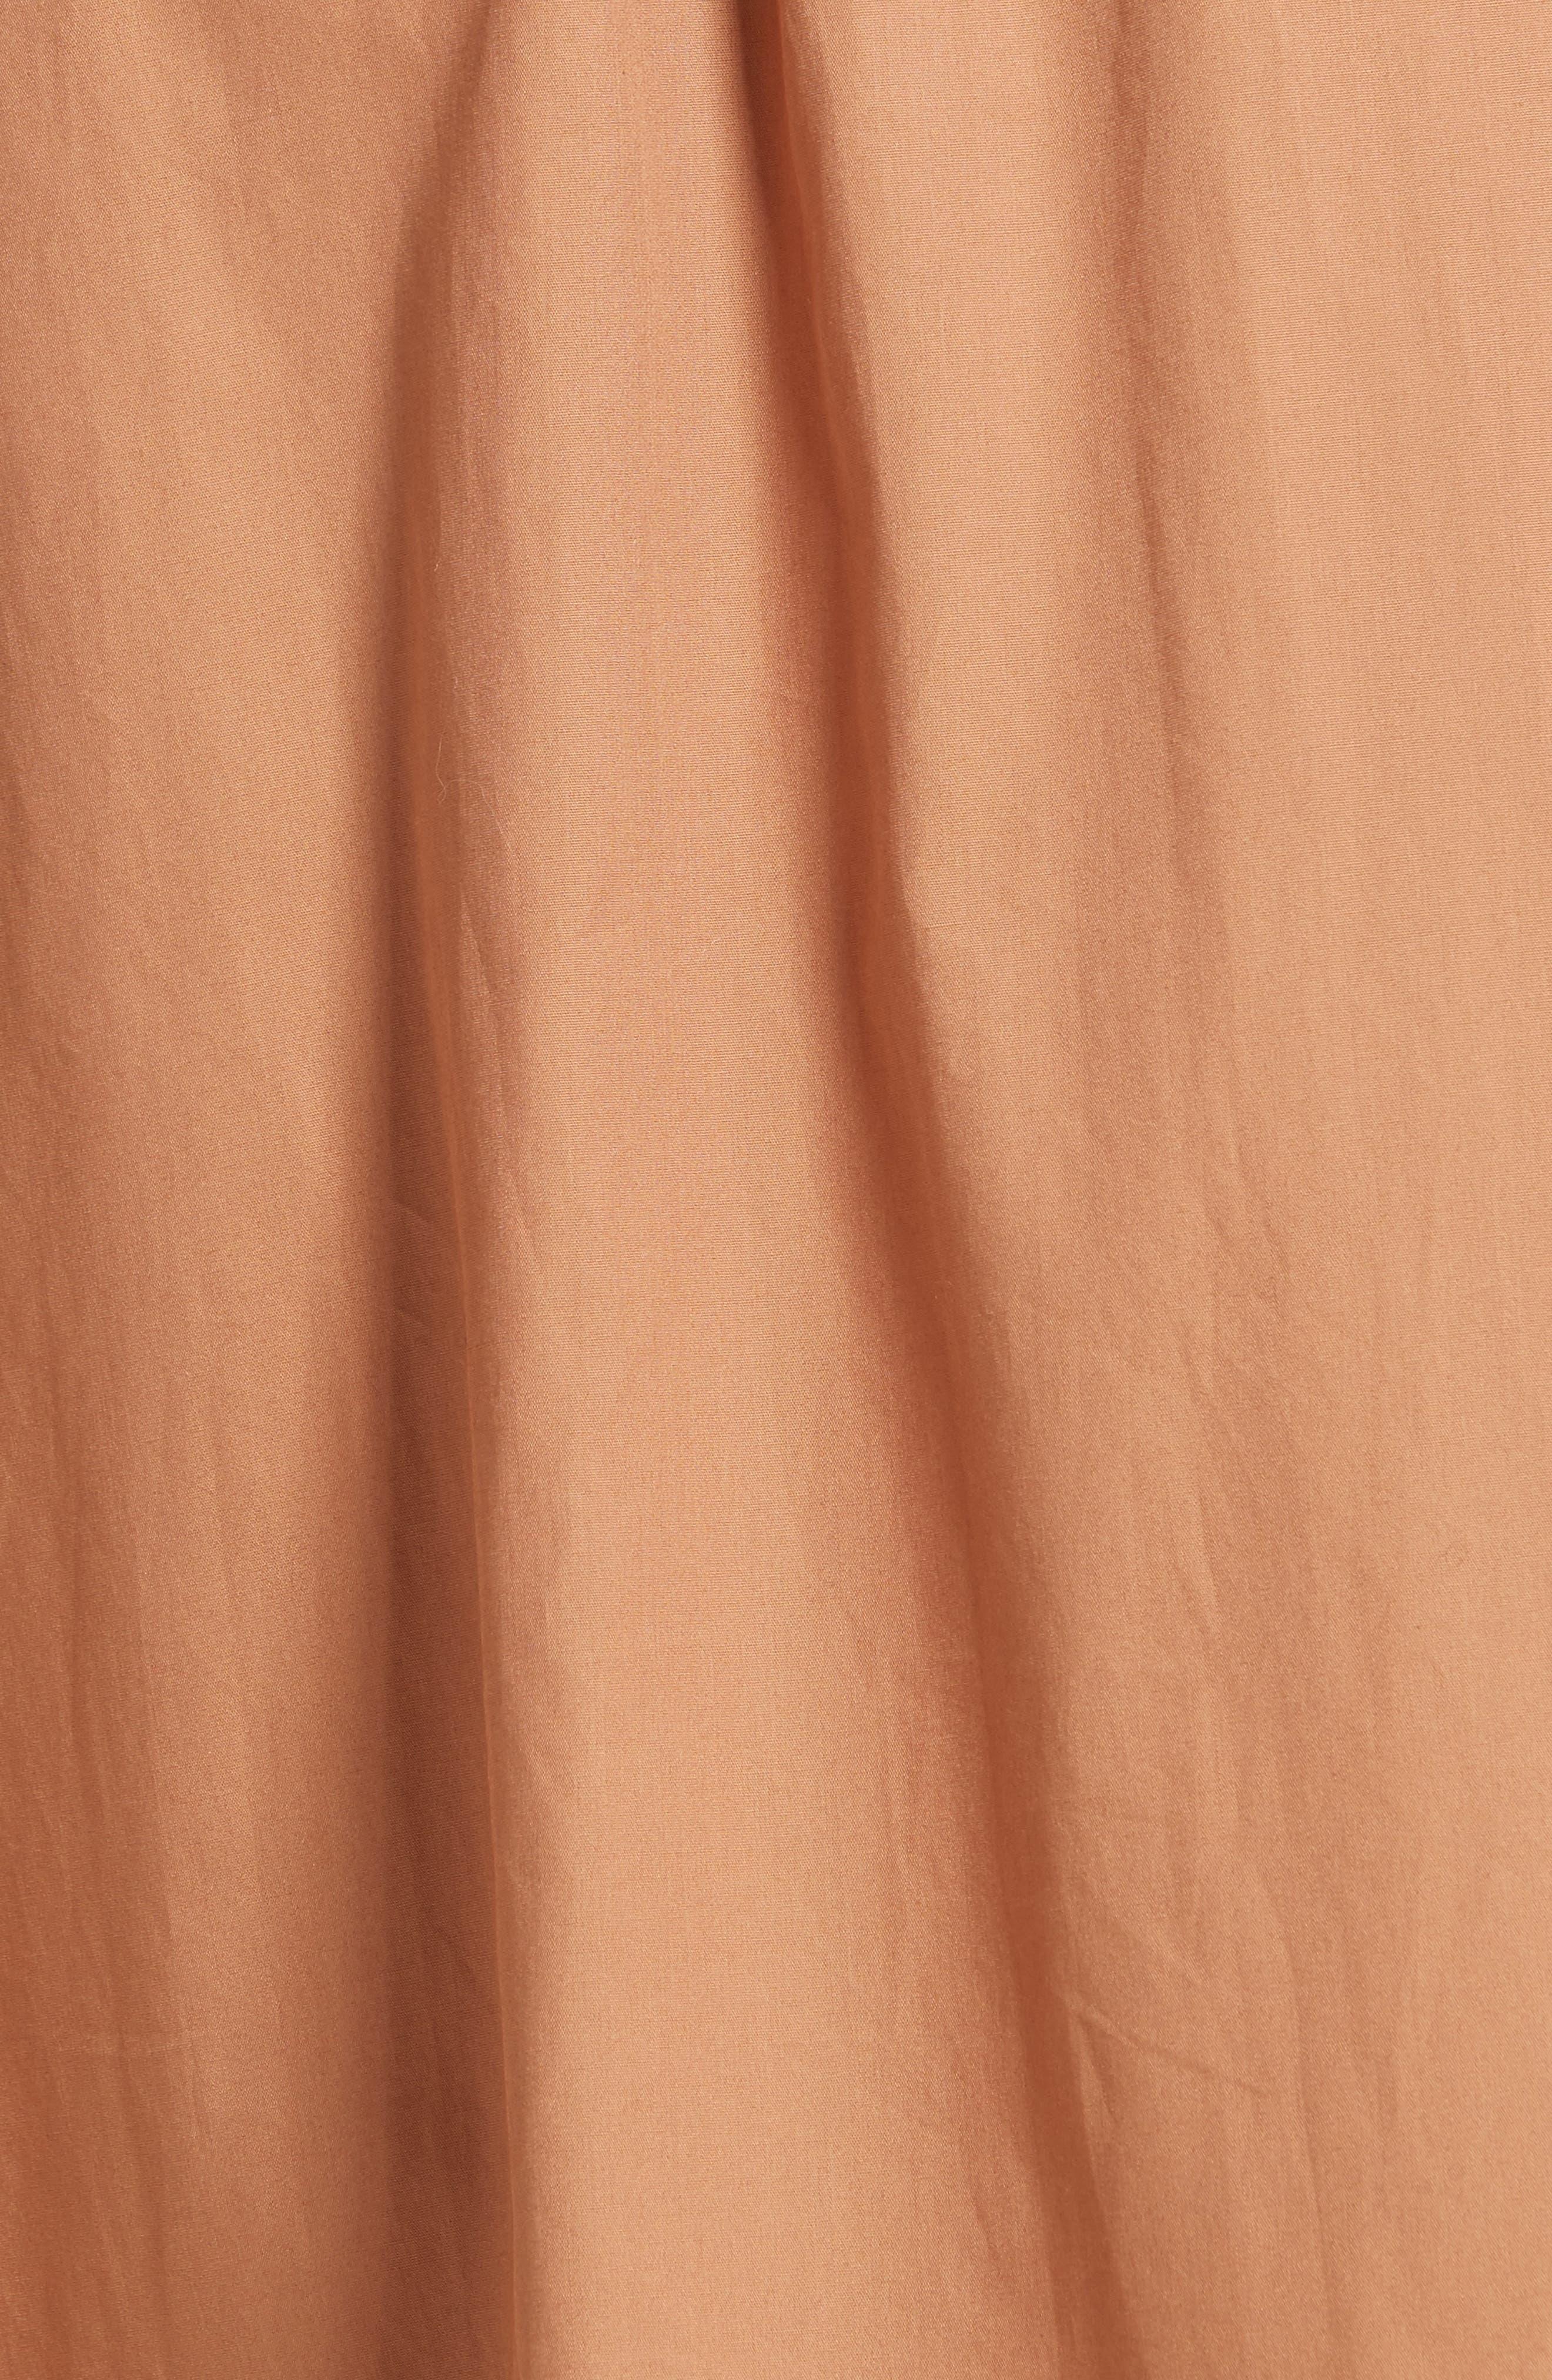 Dream of Me Midi Skirt,                             Alternate thumbnail 5, color,                             230